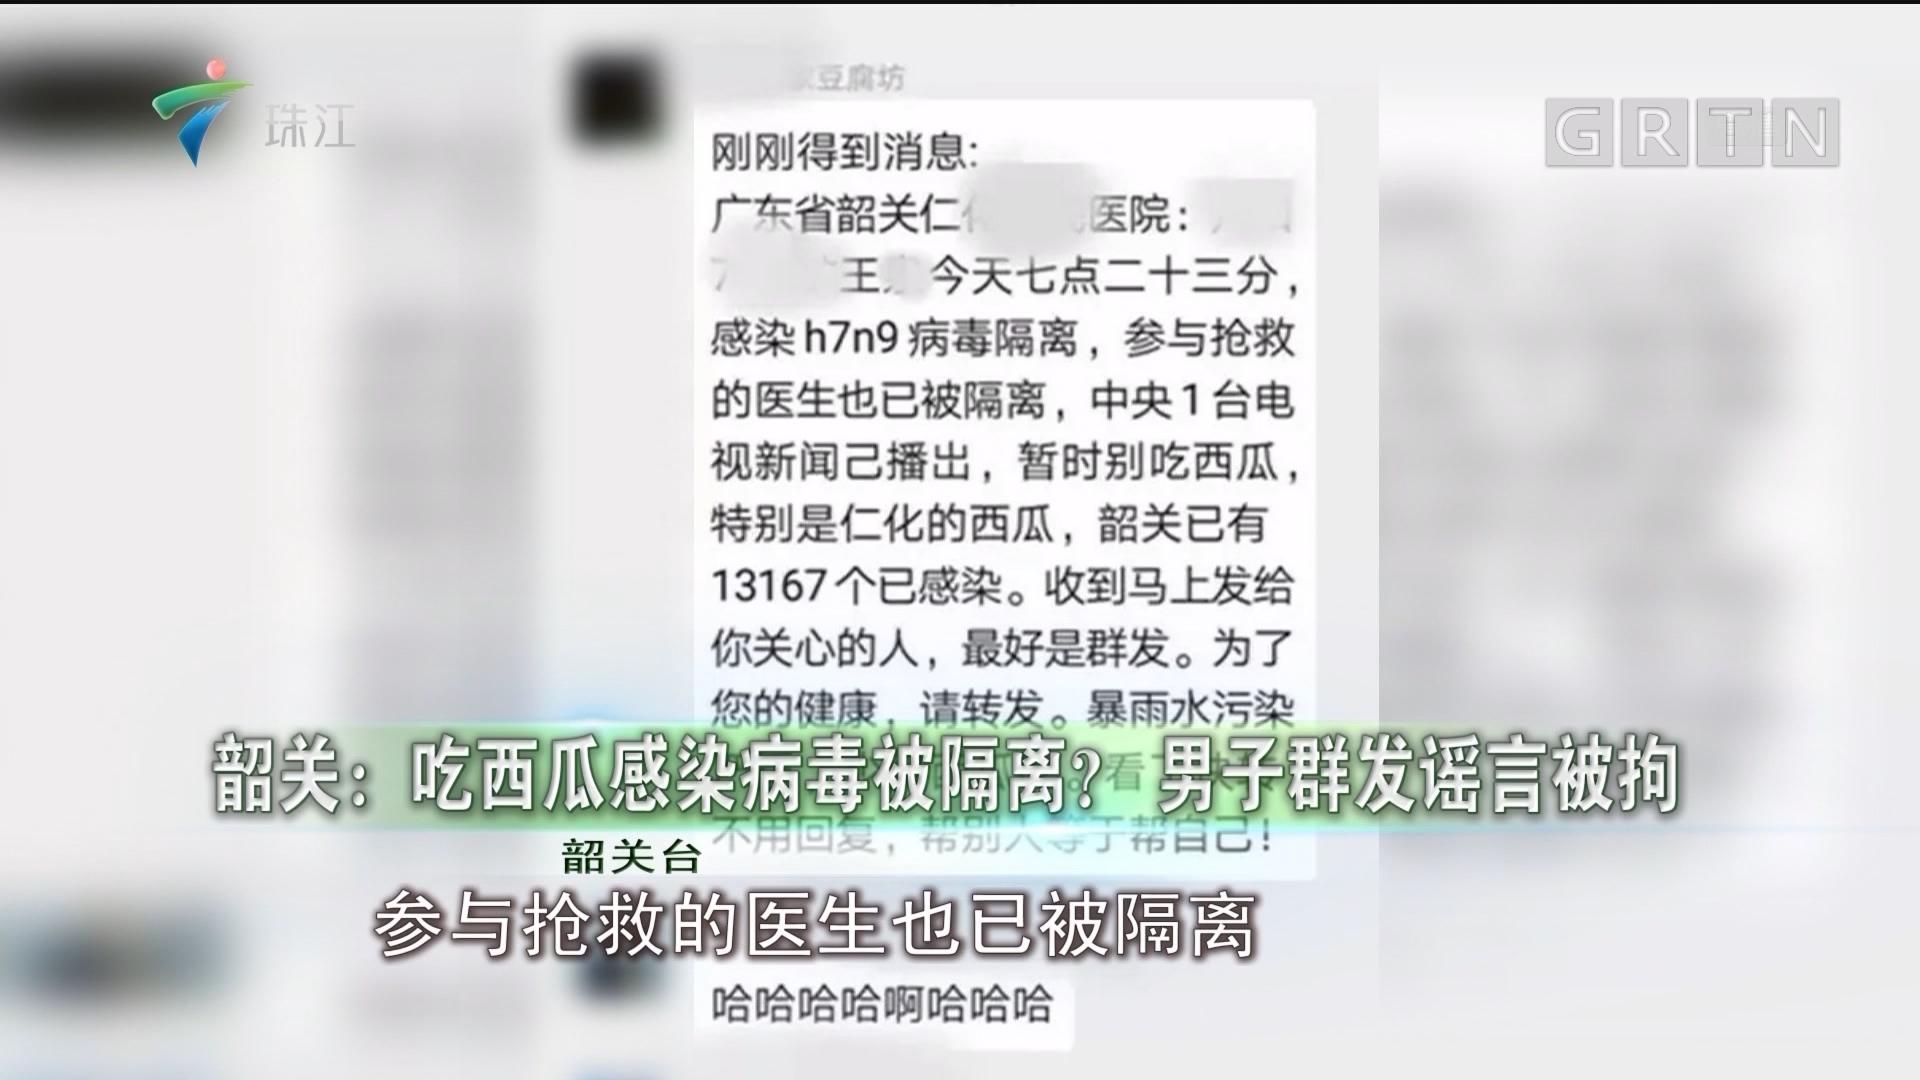 韶关:吃西瓜感染病毒被隔离? 男子群发谣言被拘